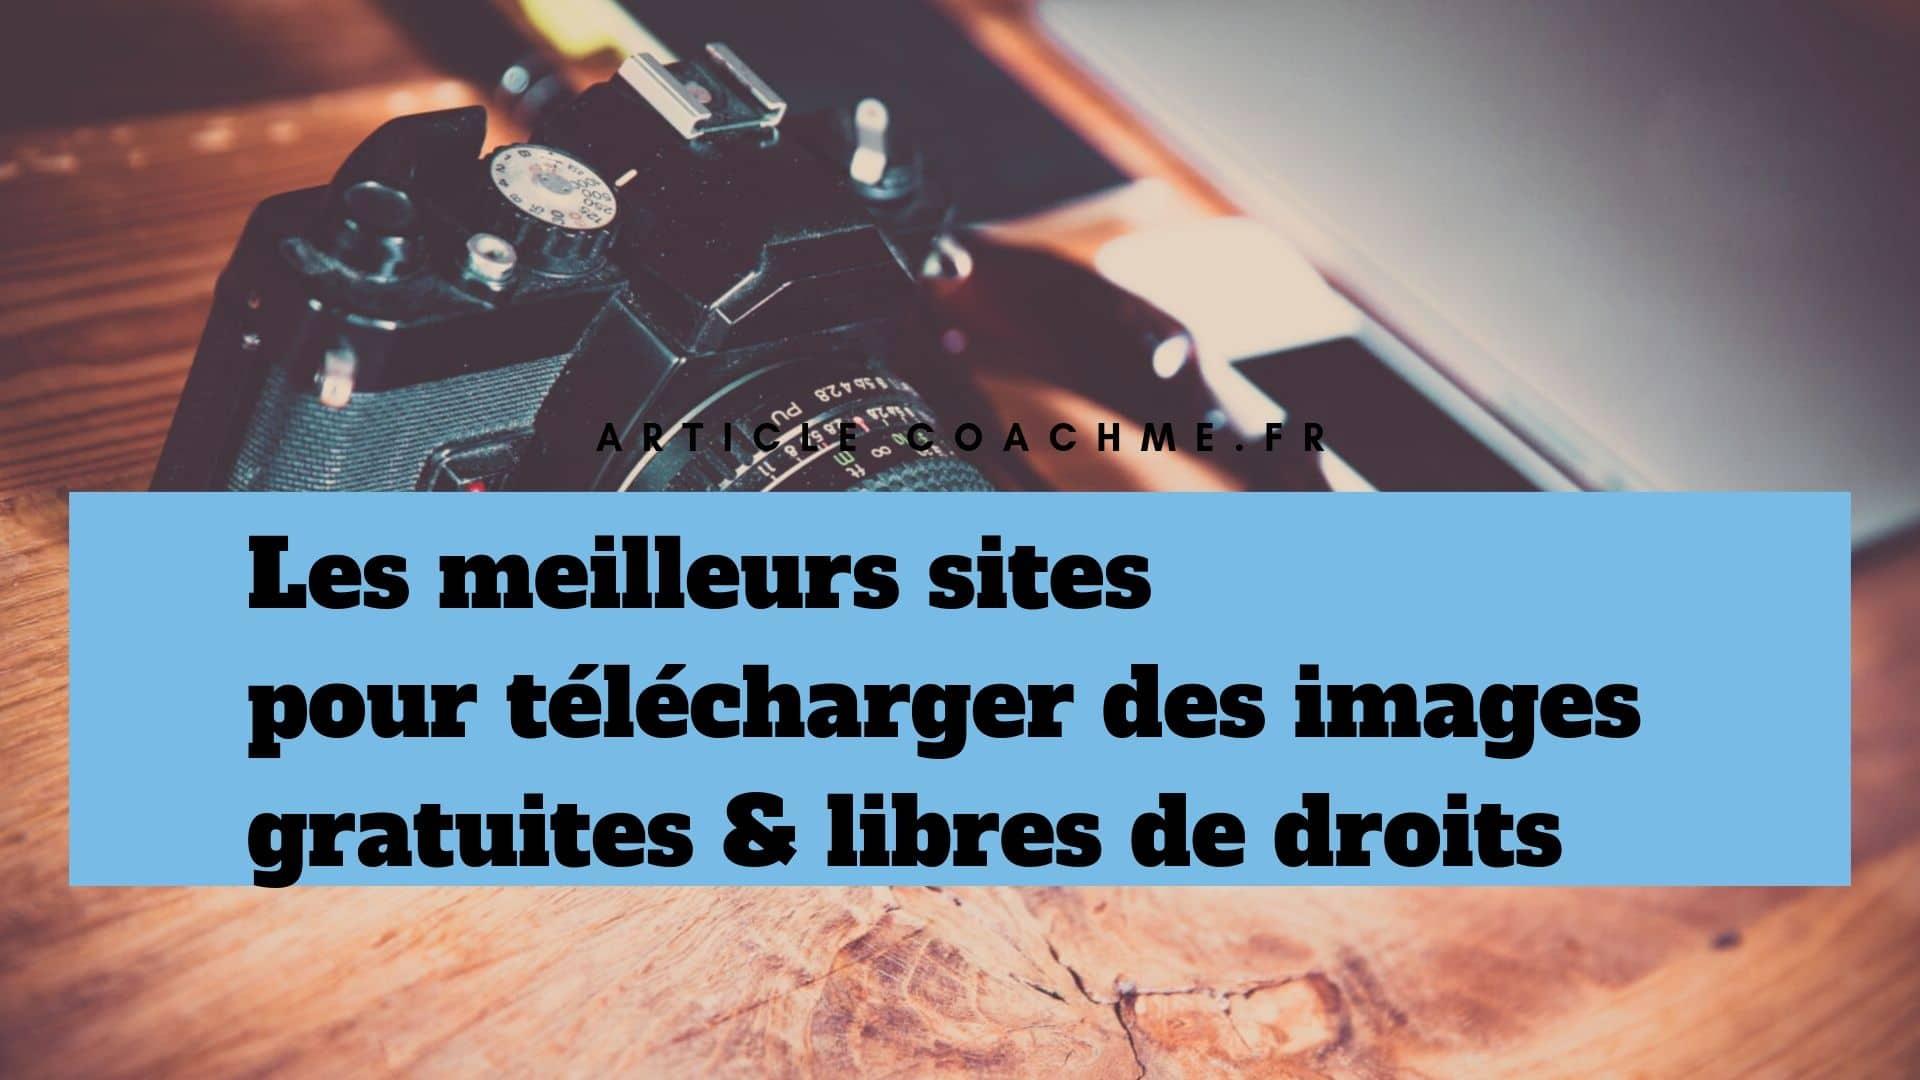 7 Sites Pour Telecharger Des Images Gratuites Libres De Droits